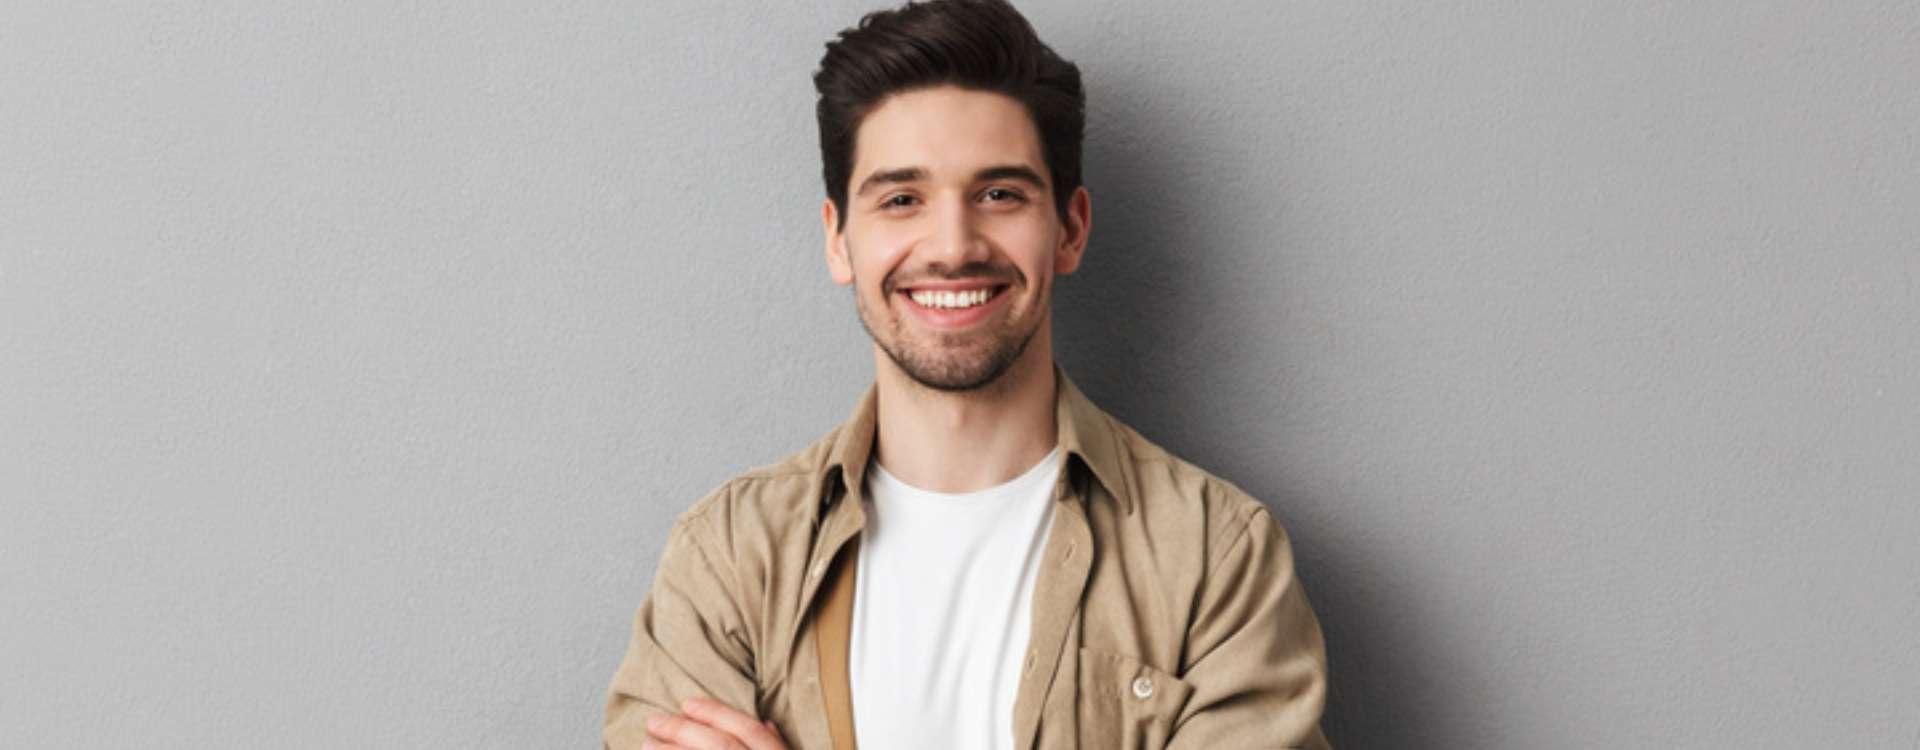 Être un homme célibataire en 2019